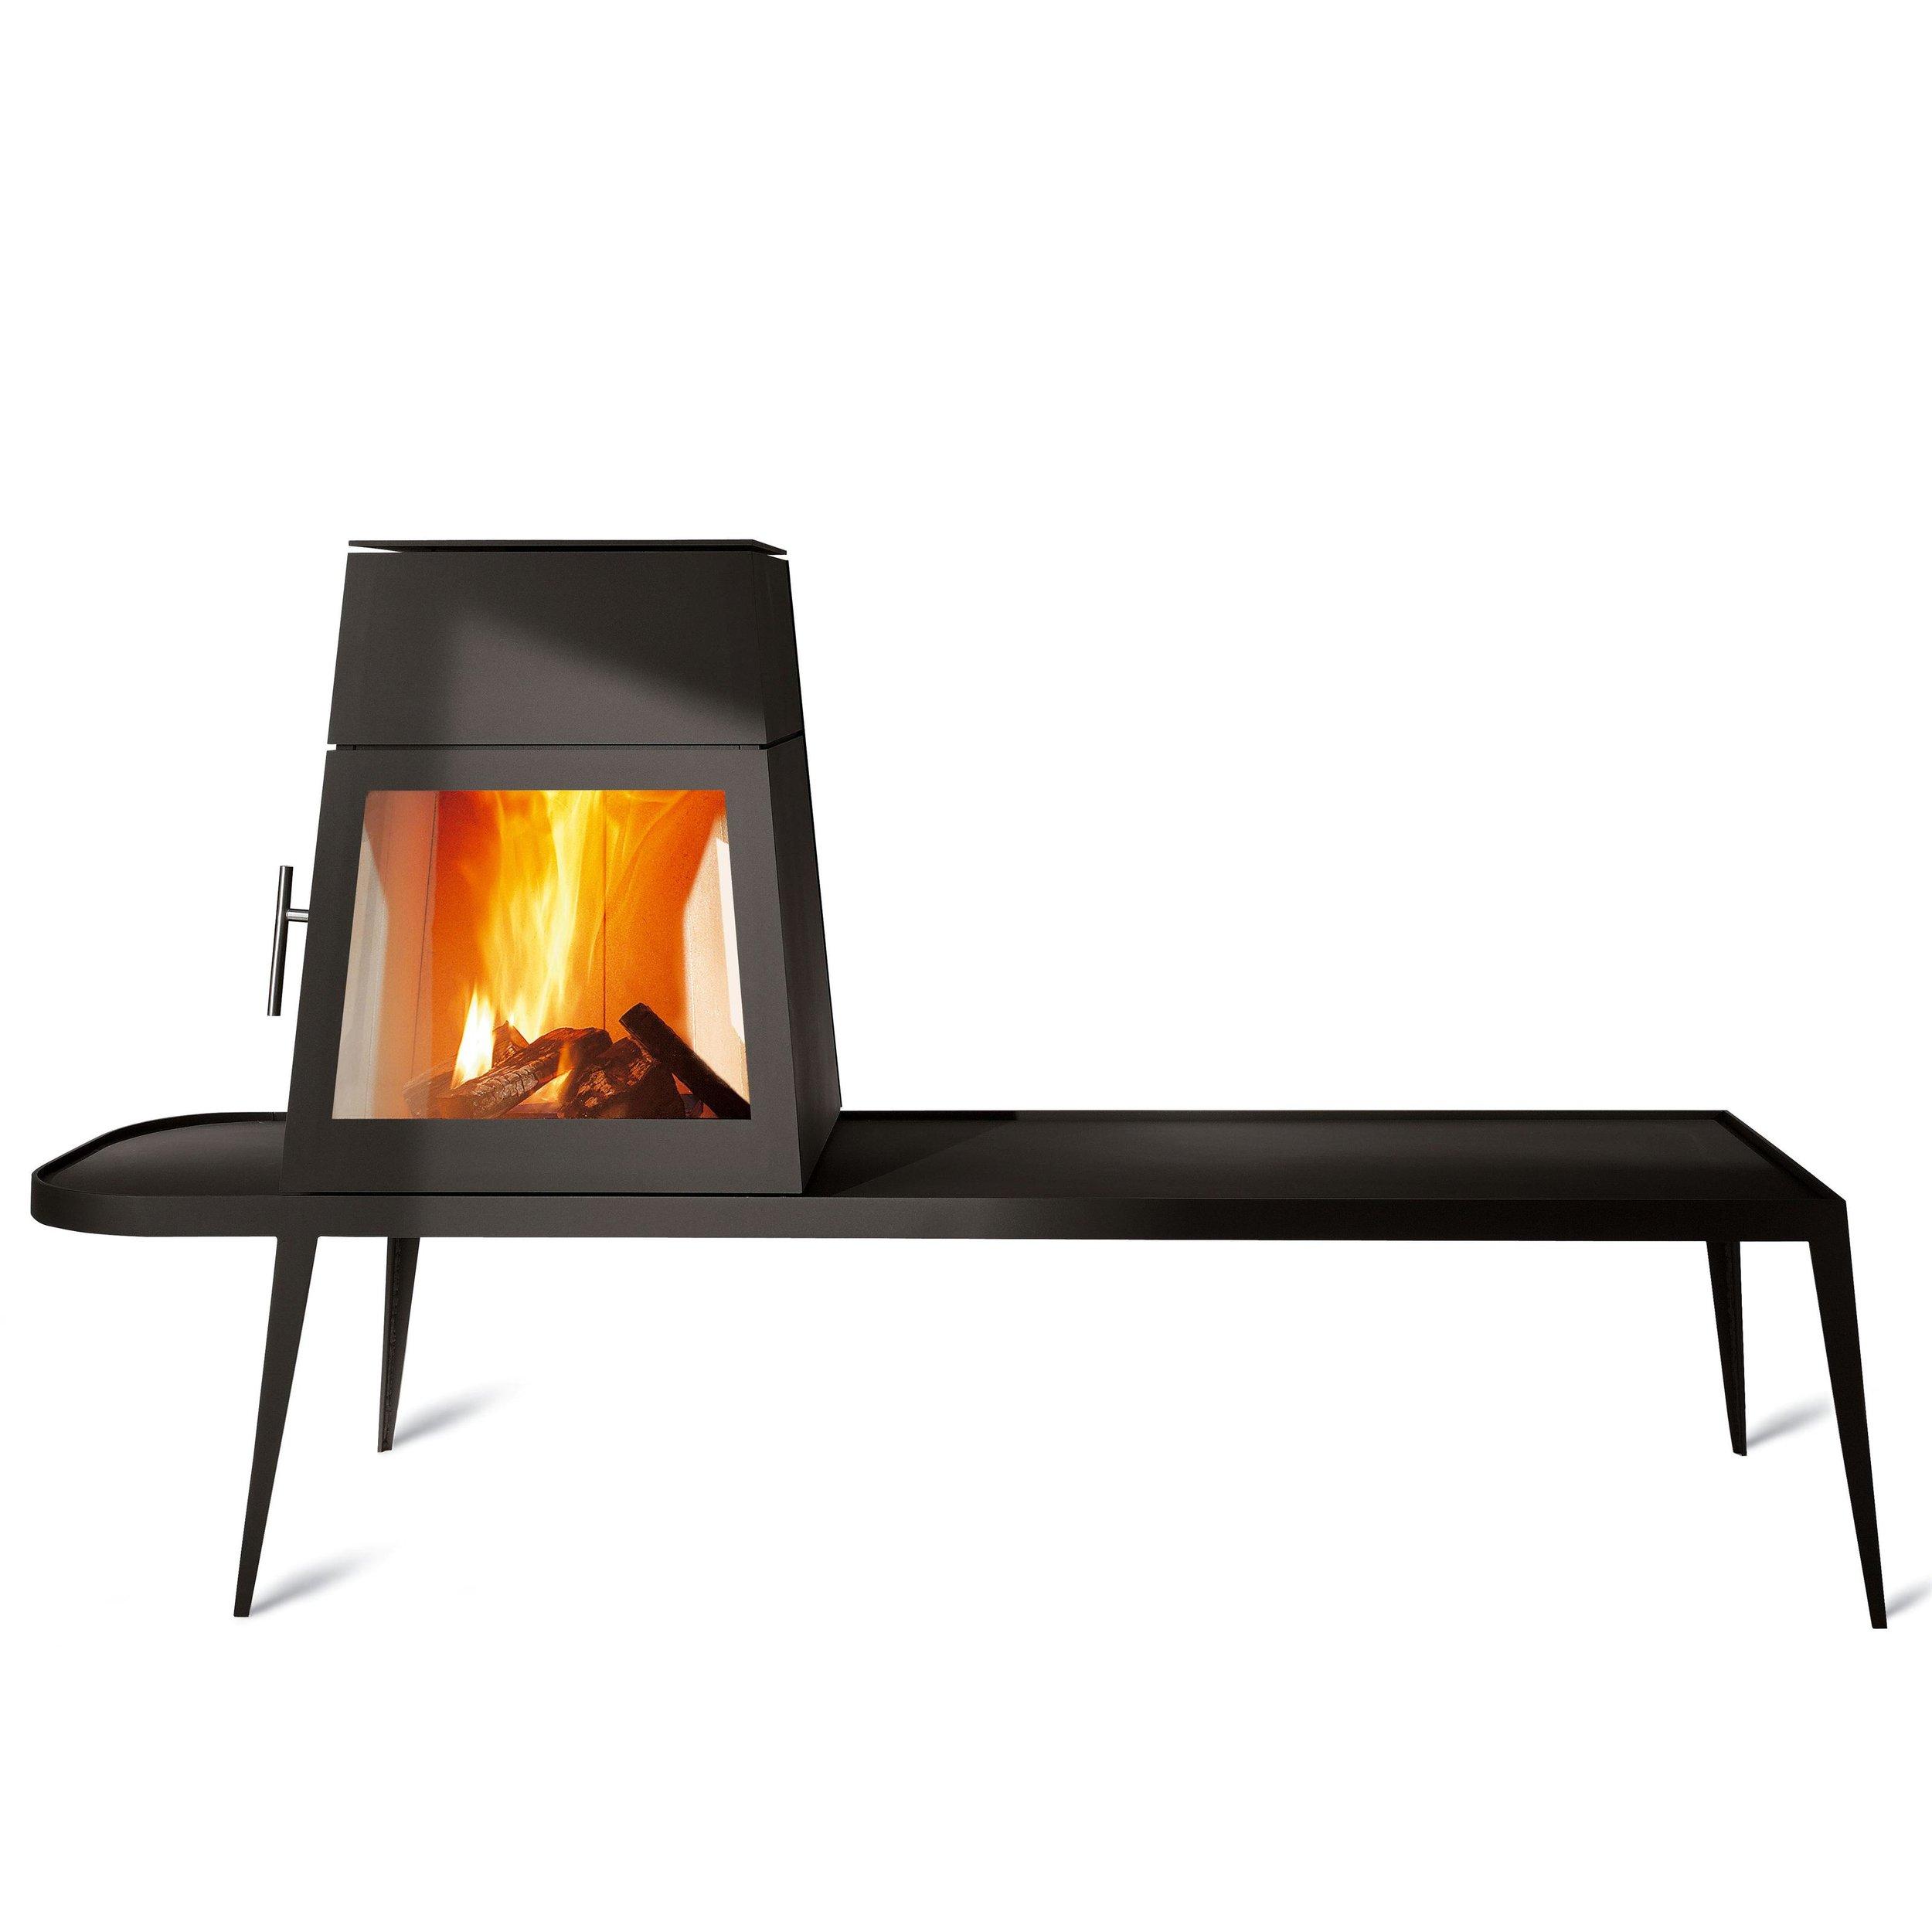 wittus---fire-by-design-wood-stoves-shaker-long-bench-3200.jpg